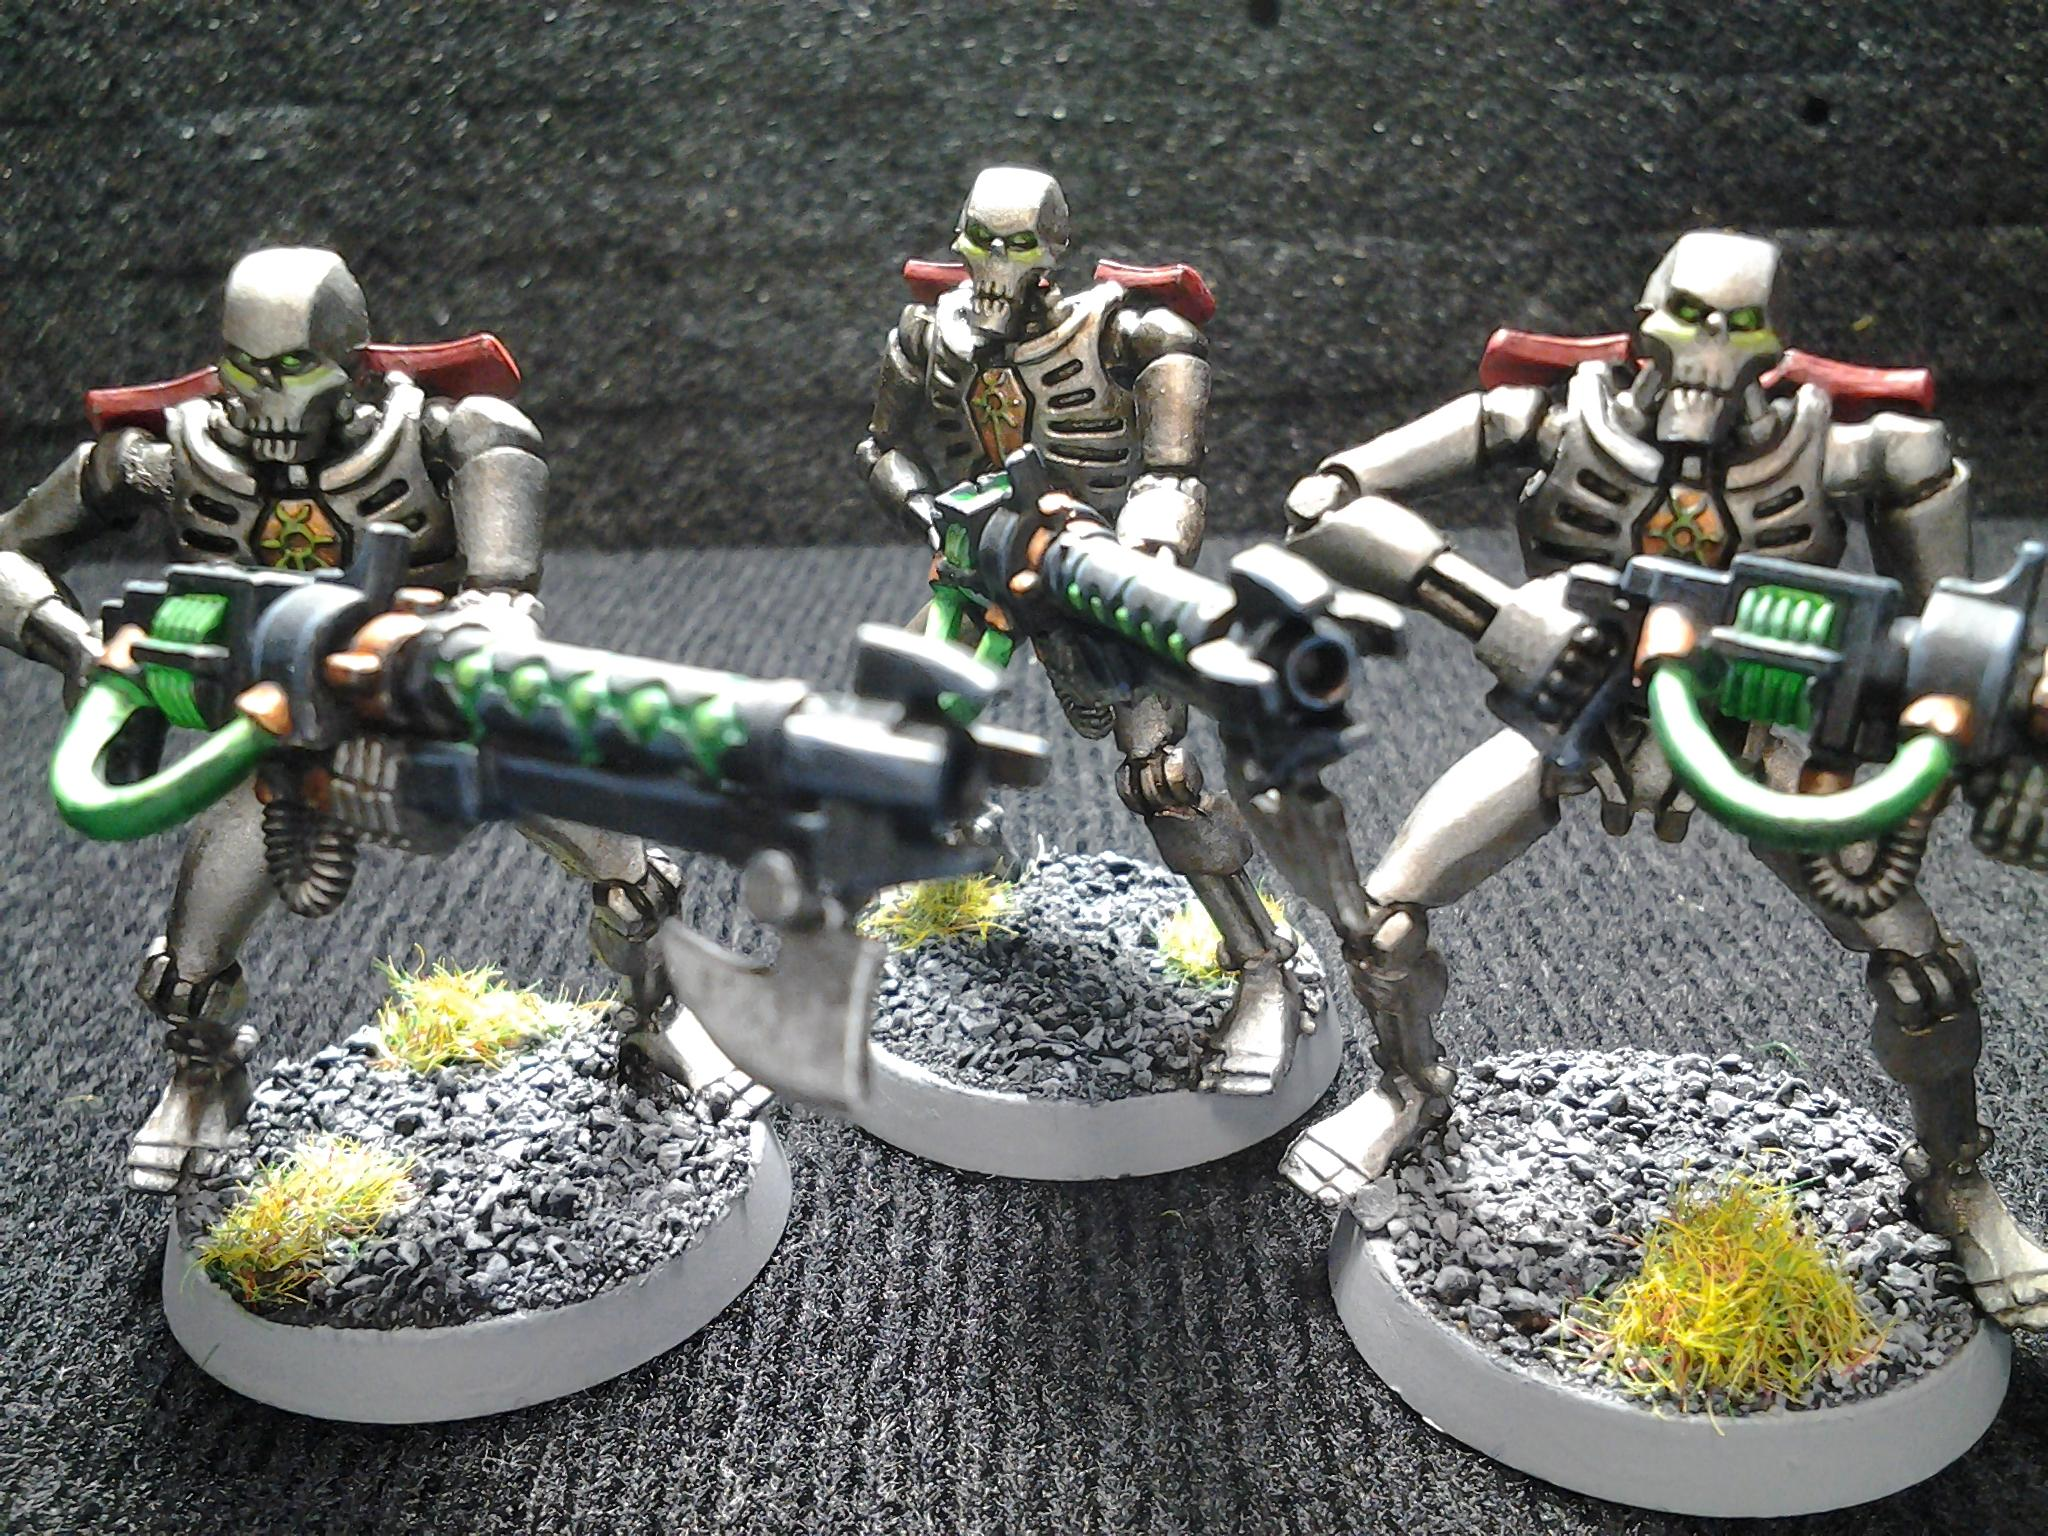 Gauss Conversion, Necron Warrior Conversion, Necron Warriors, Red Necron